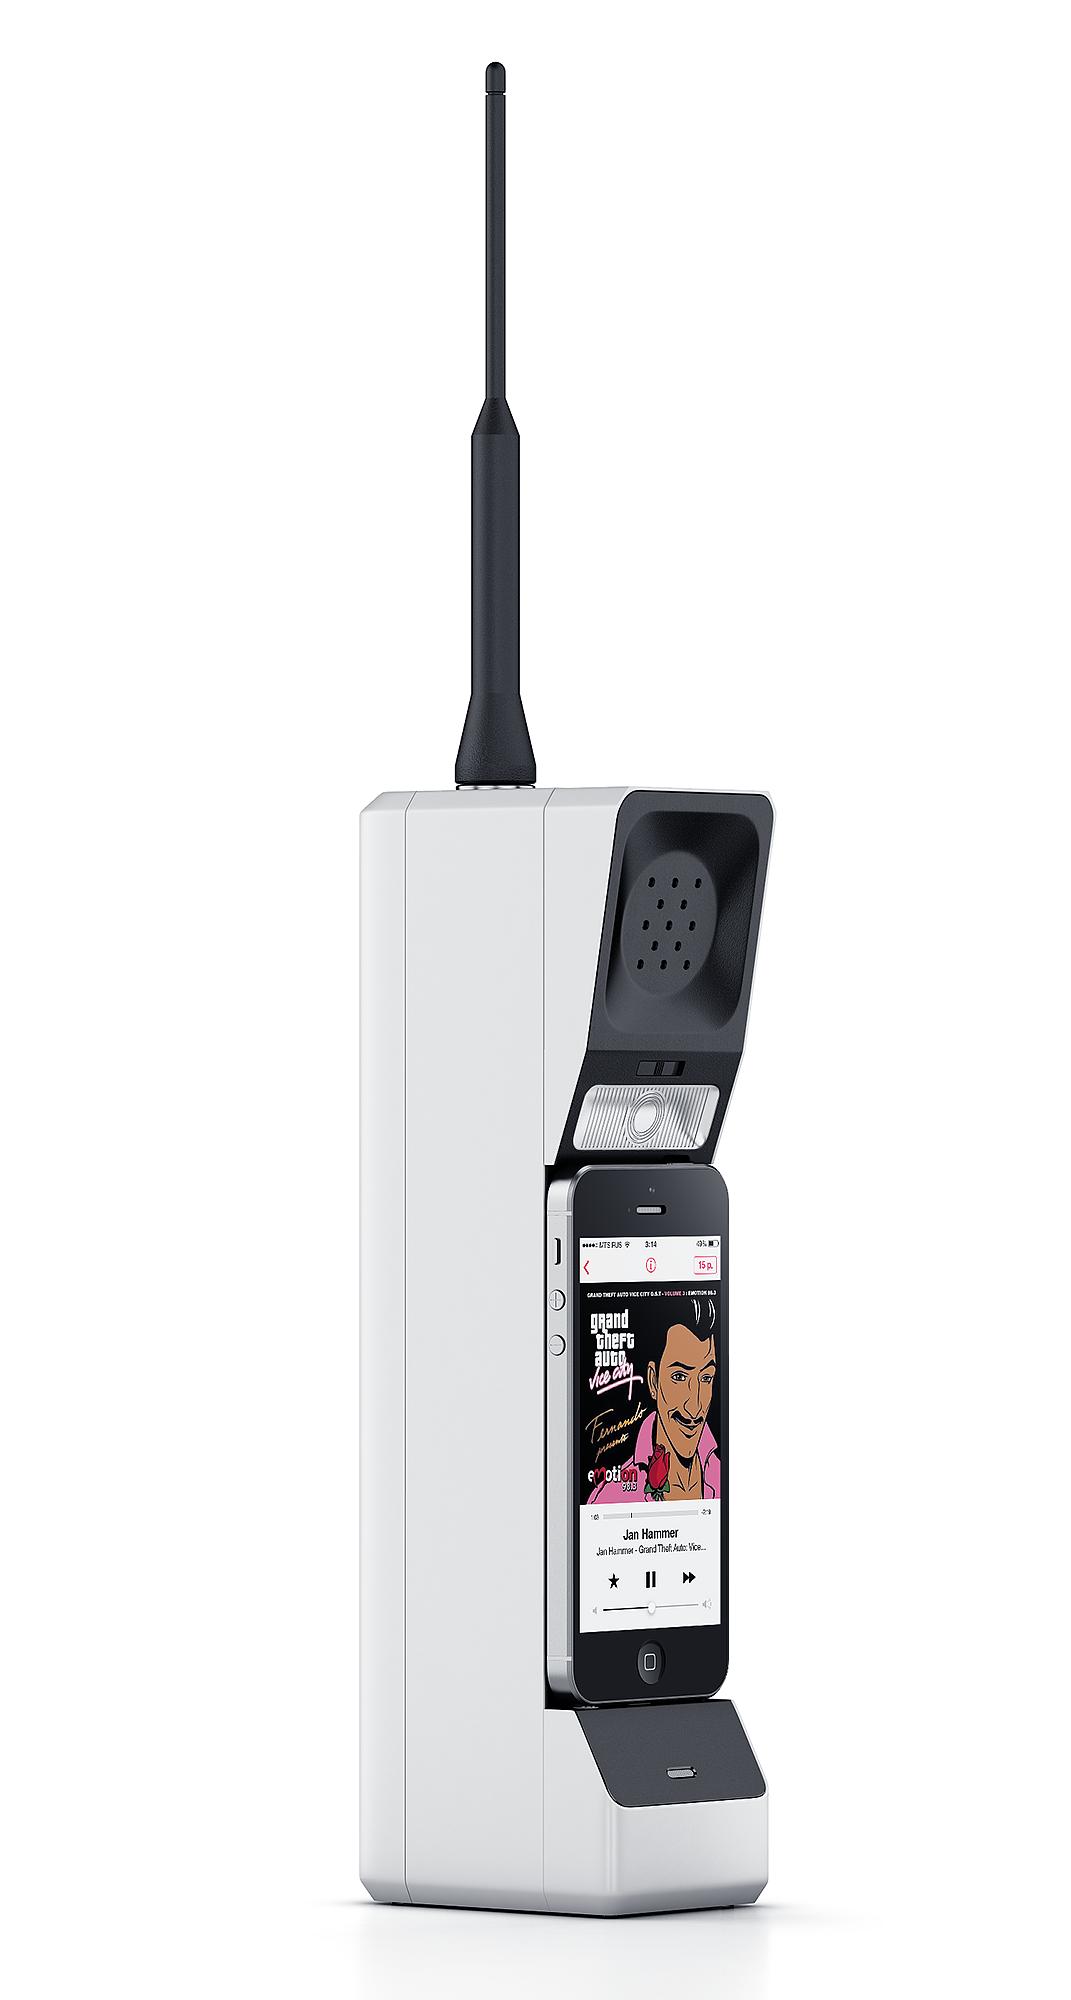 苹果手机秒变大哥大的方法Montanaphone